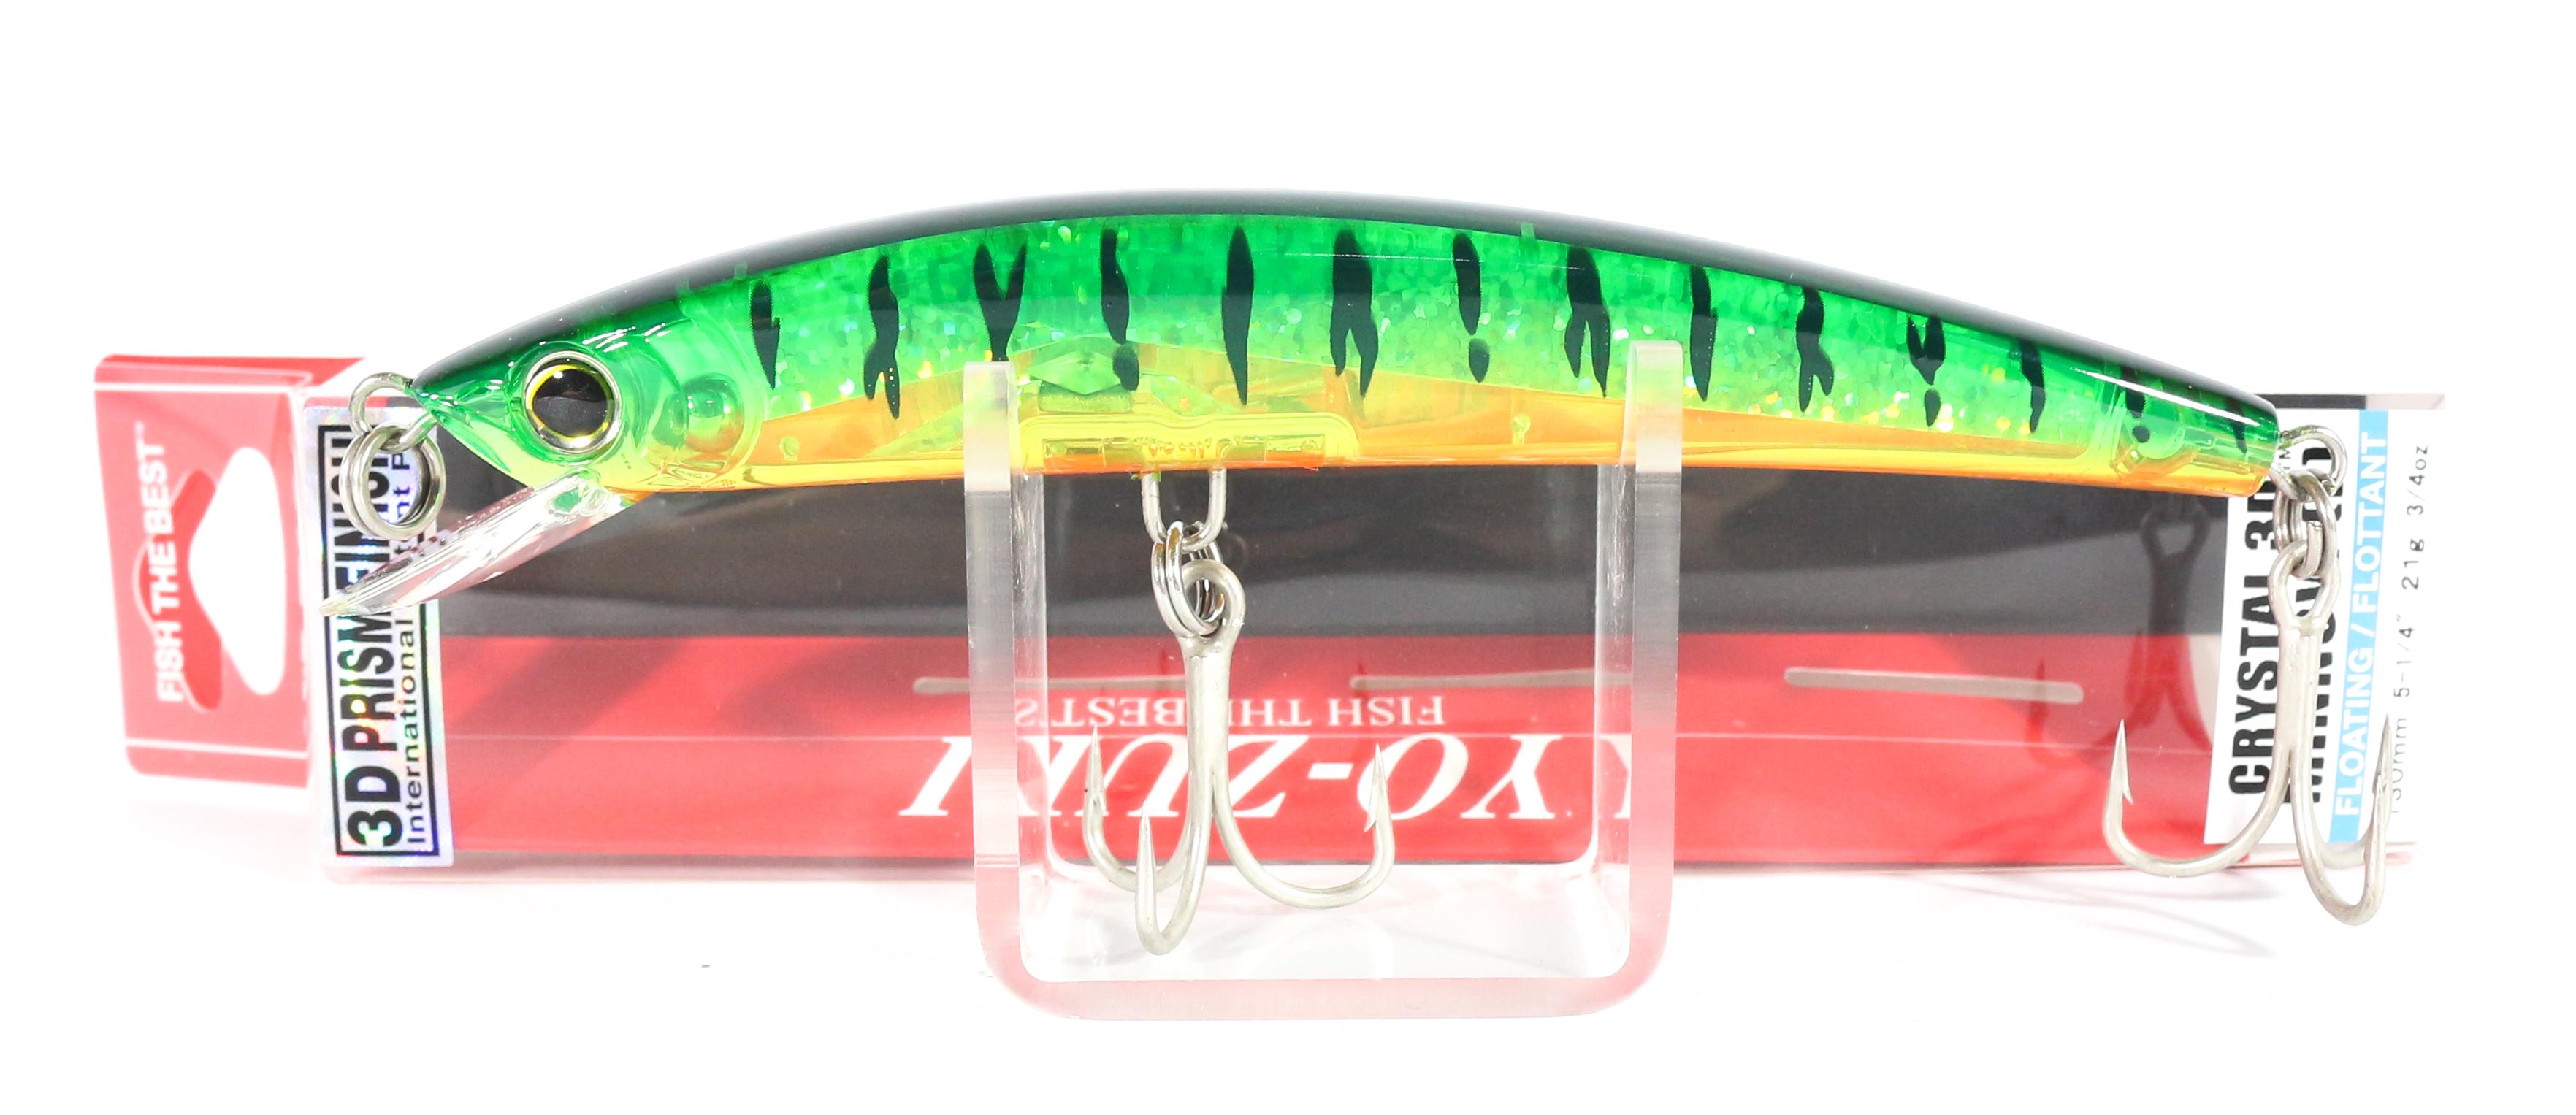 Yo Zuri 3D Crystal Minnow 130 mm Floating Lure F1147-HT (5891)